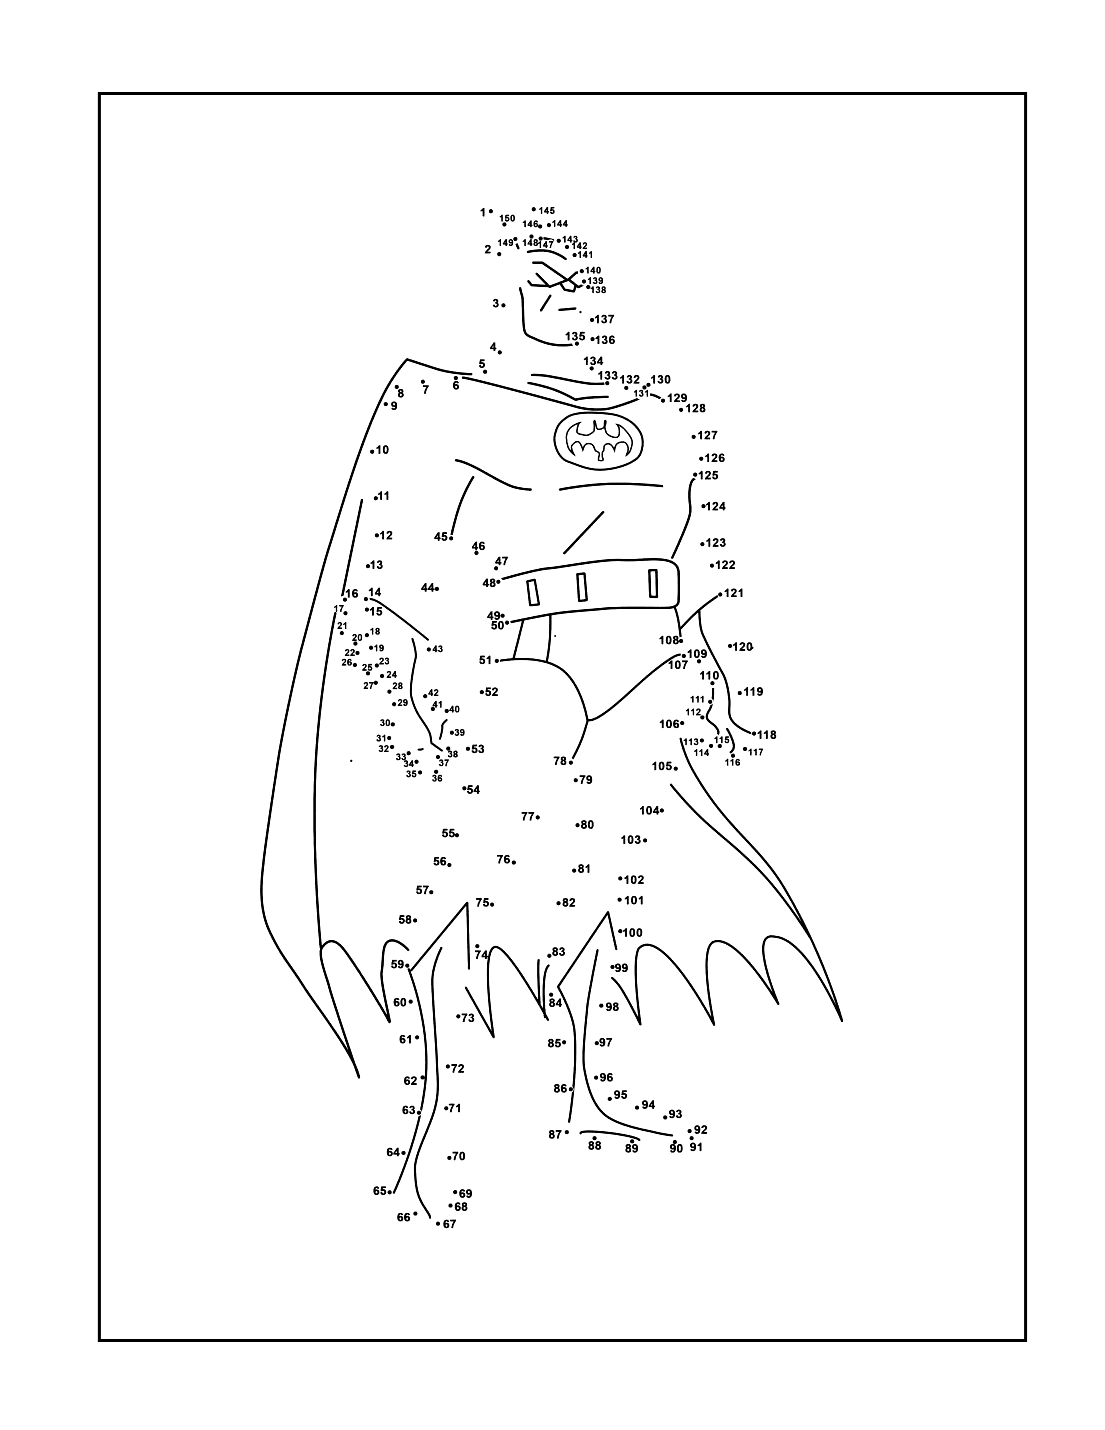 Connect The Dots Batmant